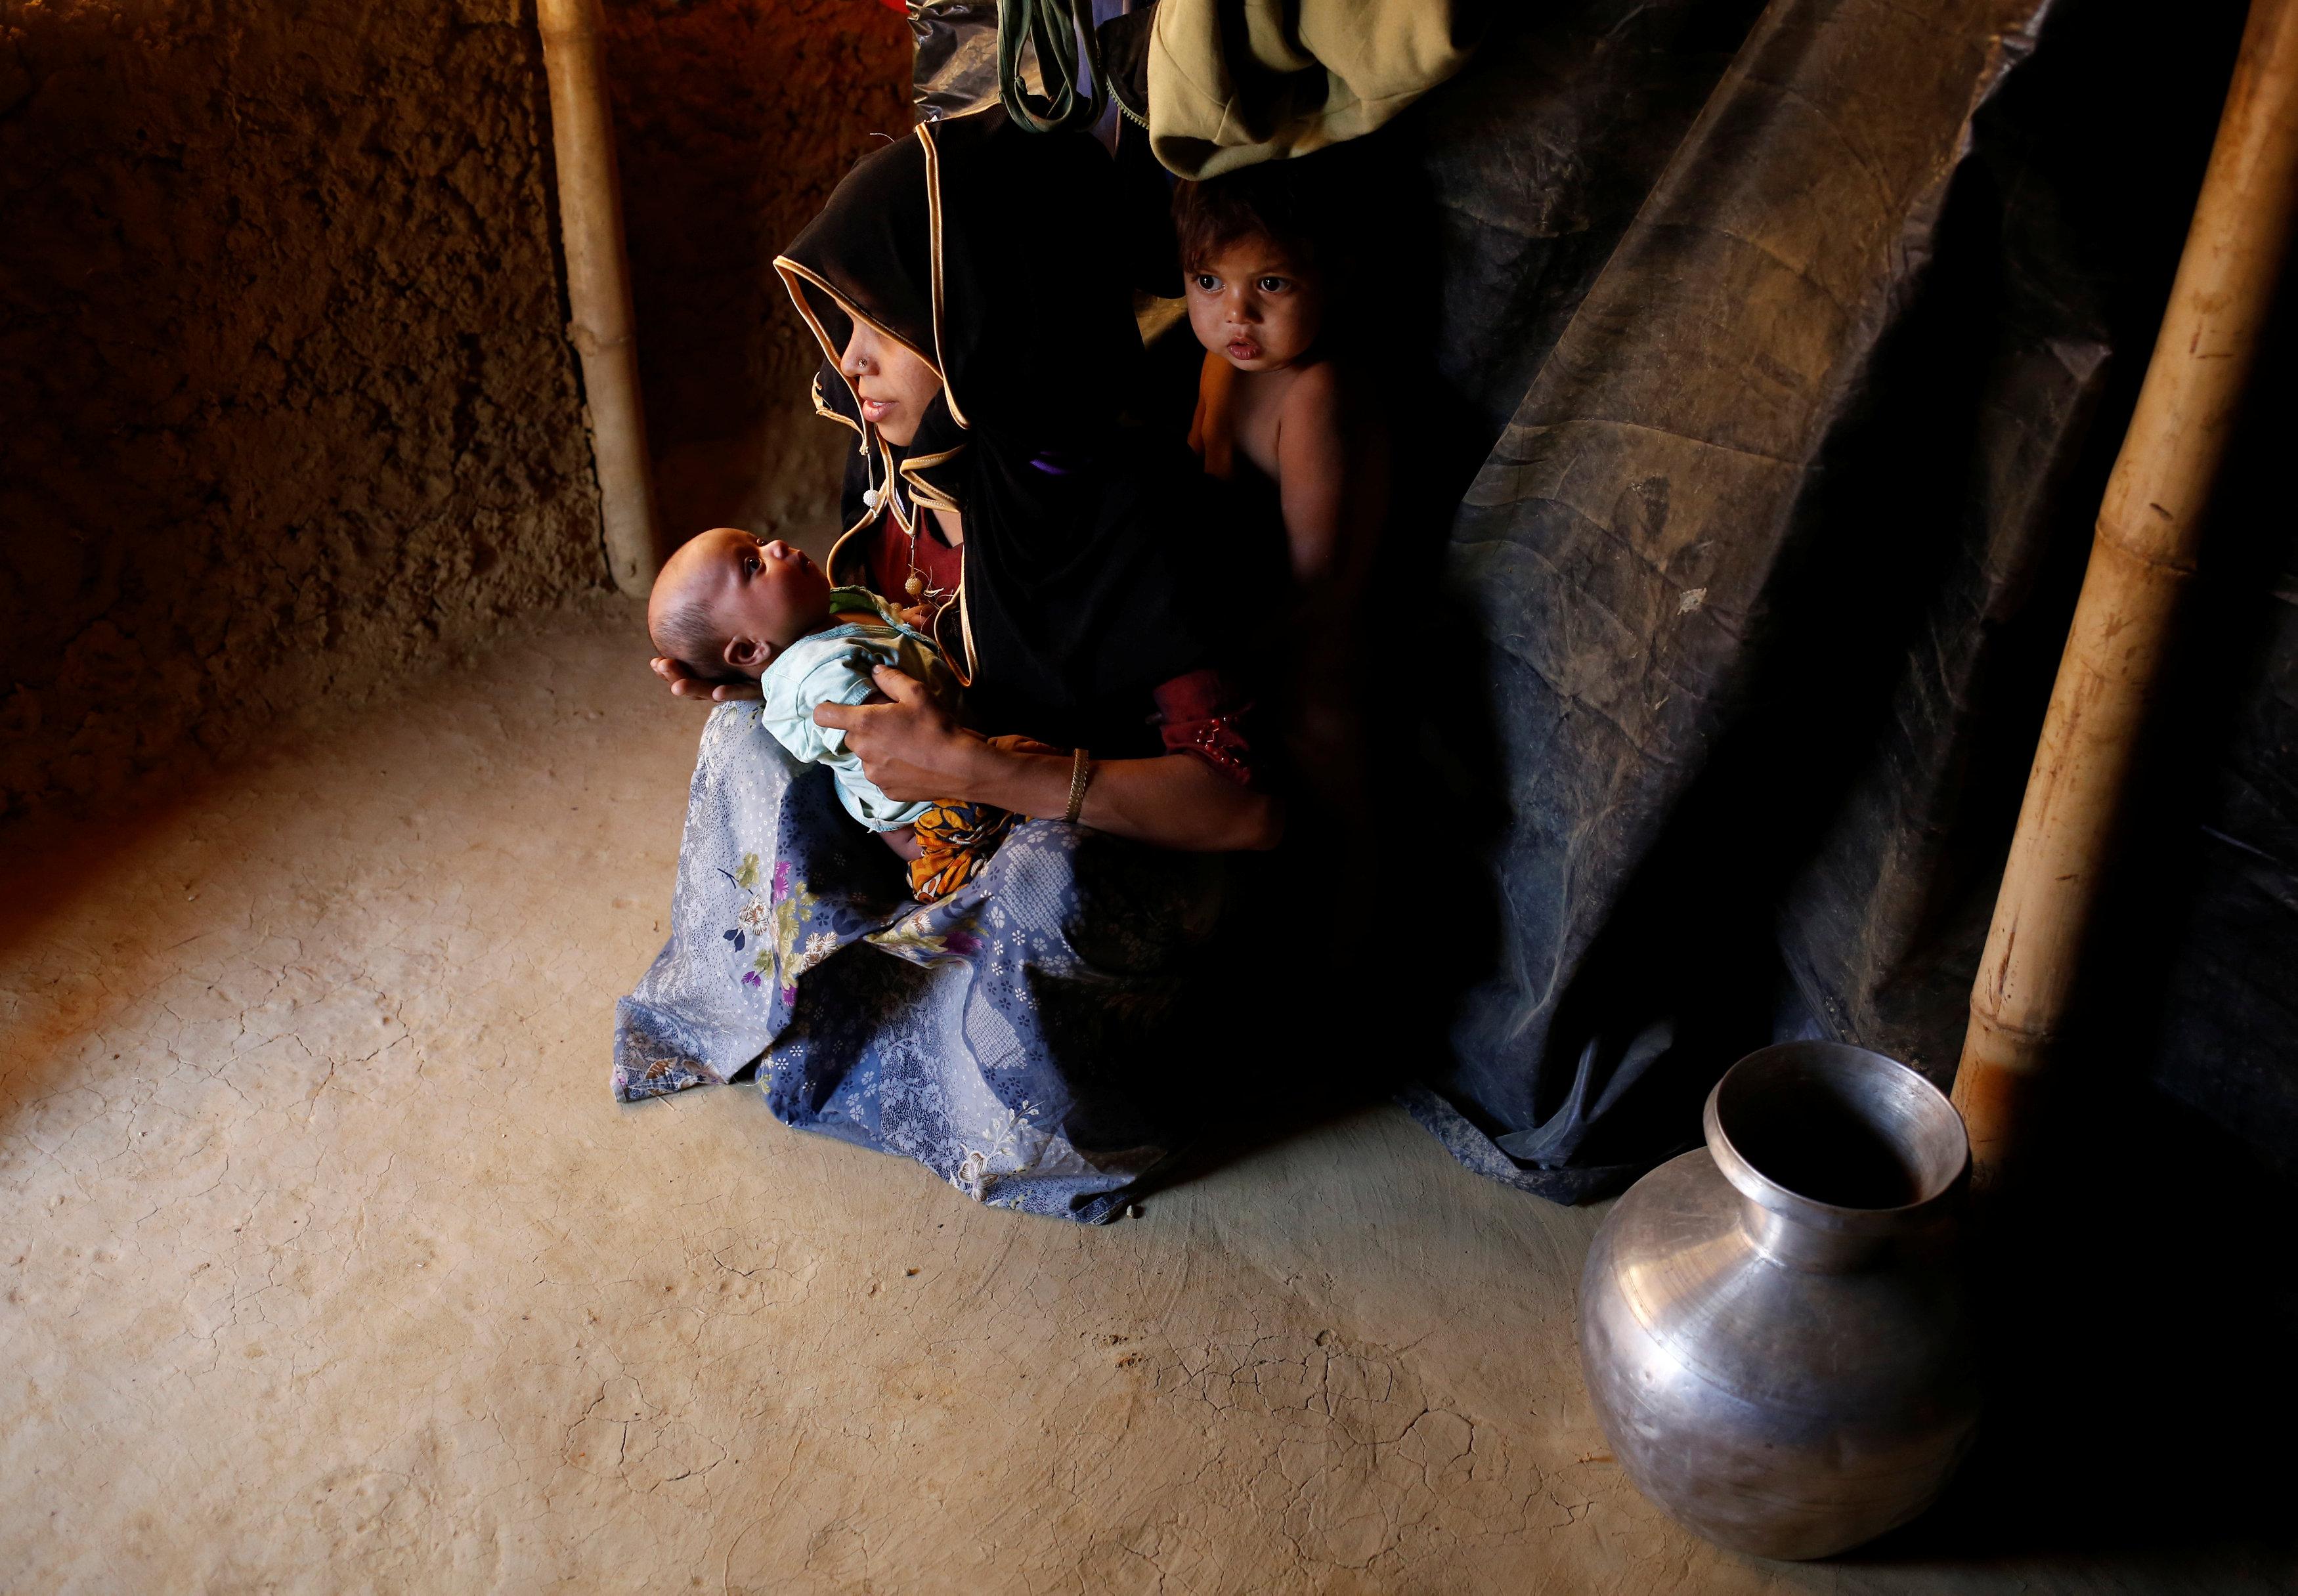 سيدة مع اطفالها داخل مخيم للاجئين